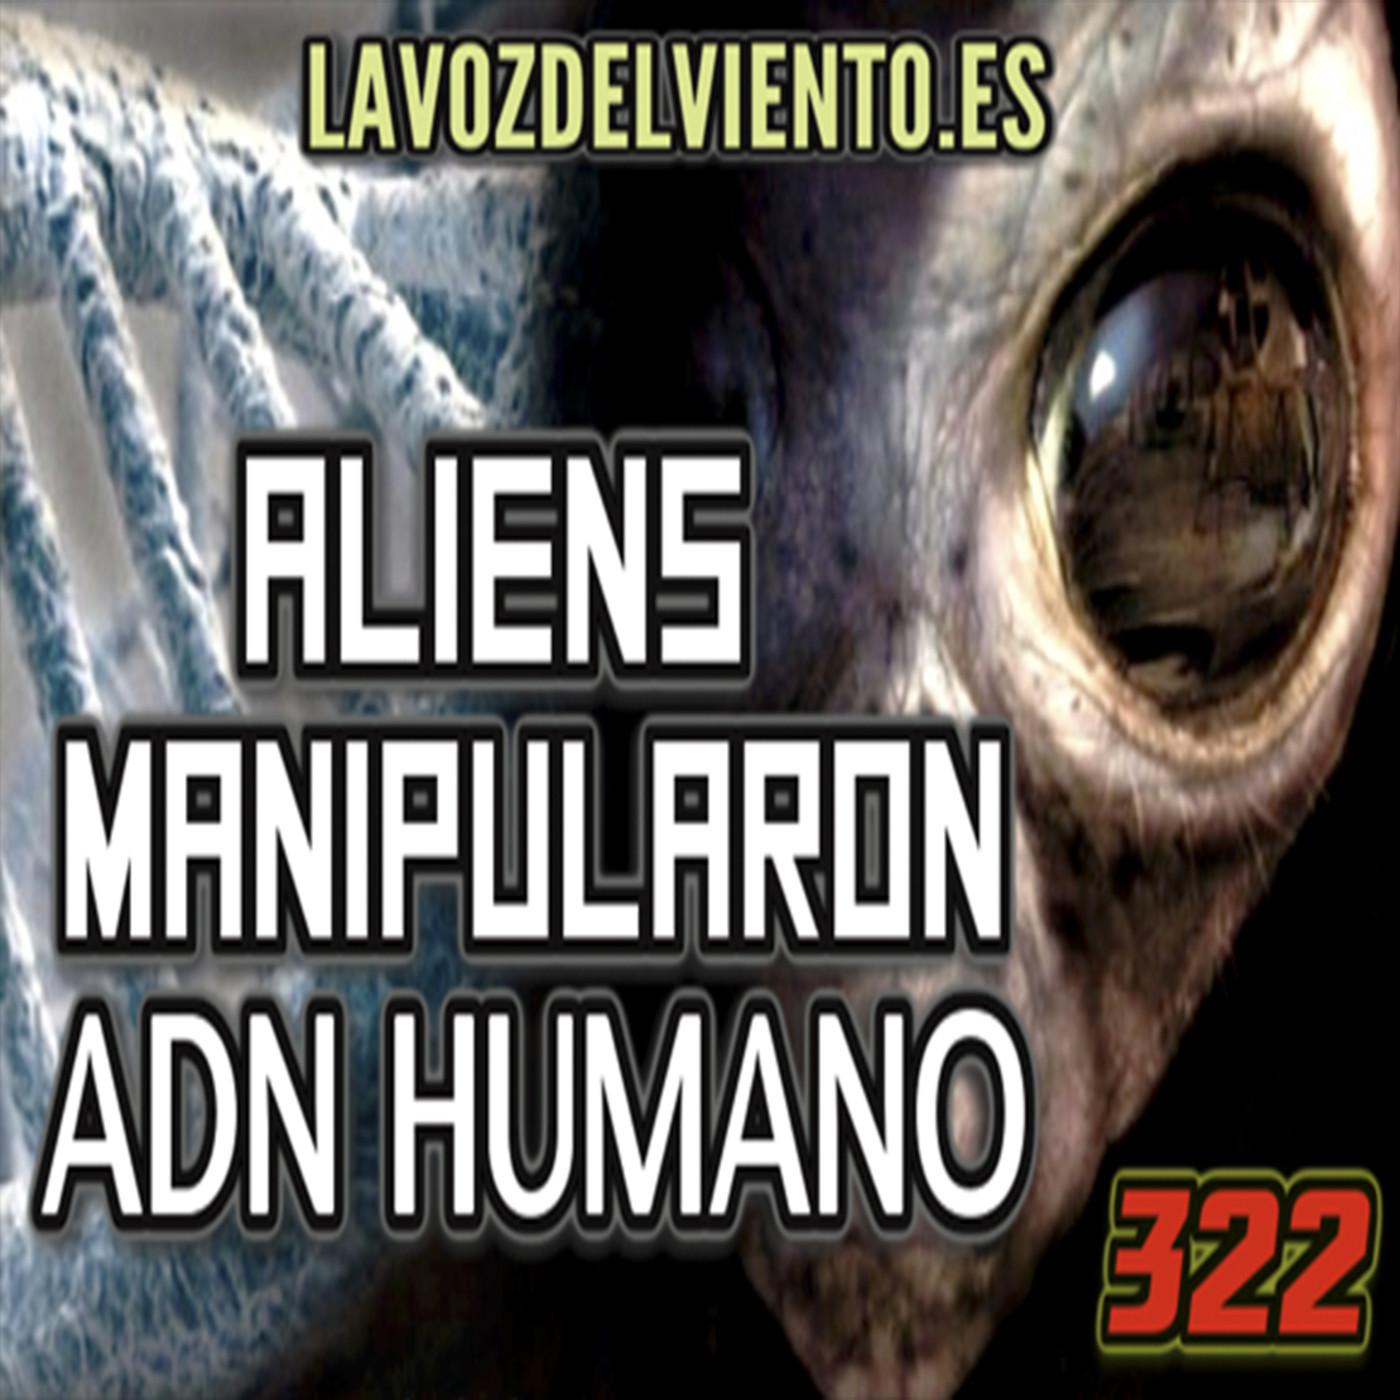 Manipulaci n extraterrestre de nuestro adn c digos for Jaime garrido cuarto milenio